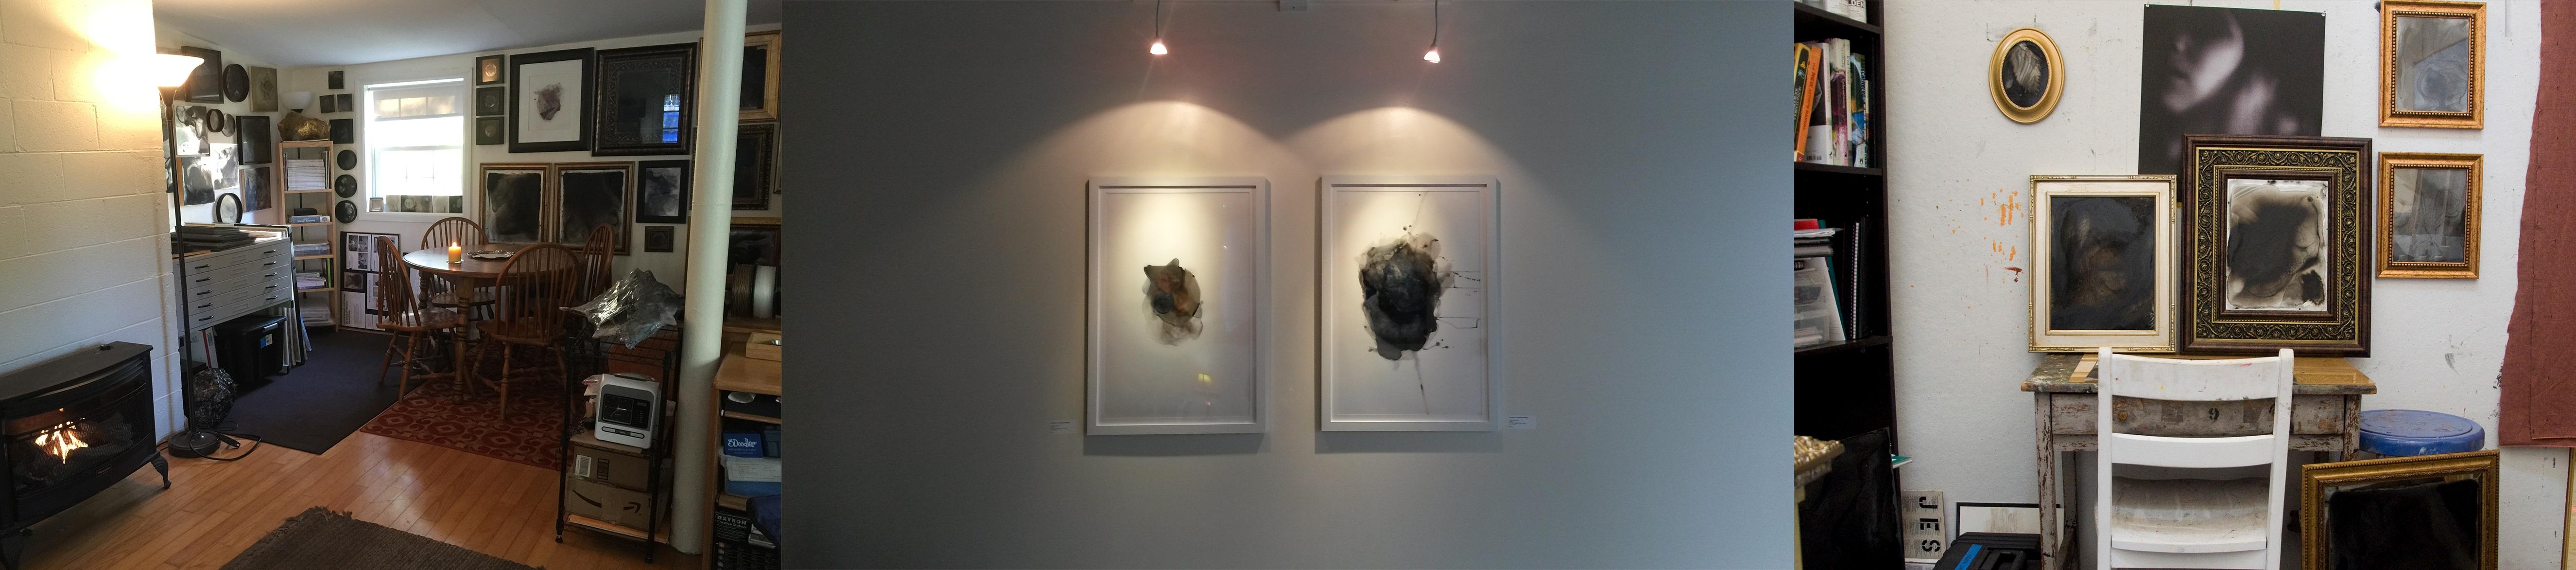 Contact artist Nancy VanNoppen